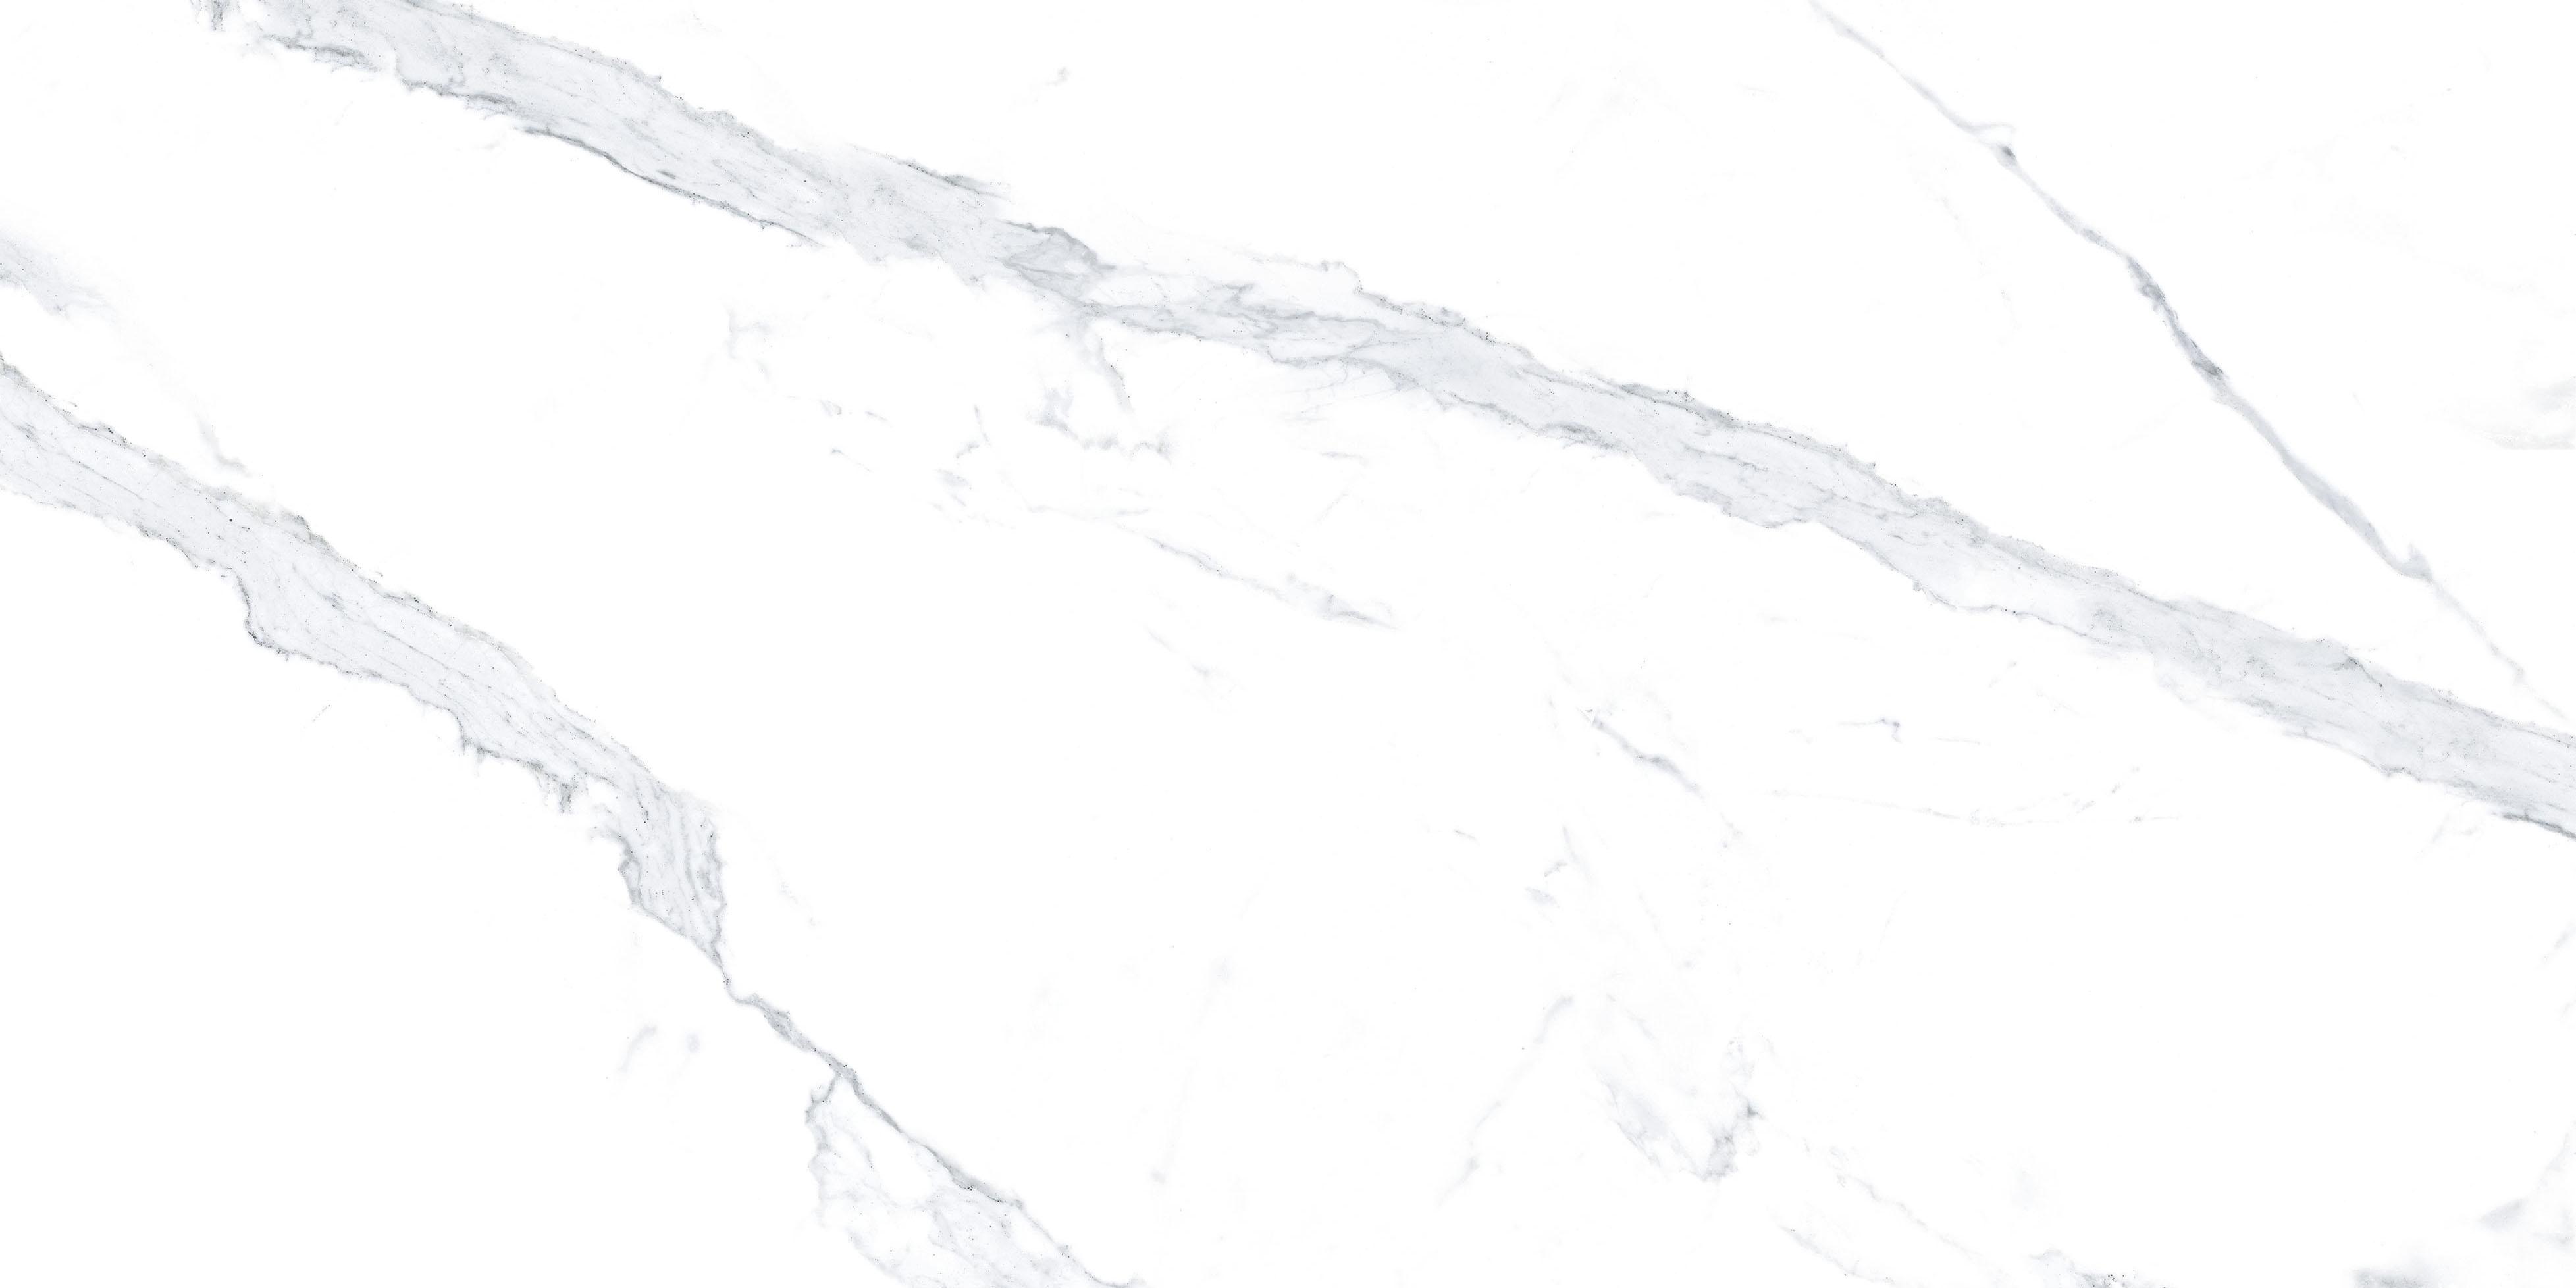 0097464, Archimarble, Valkoinen, lattia,pakkasenkesto